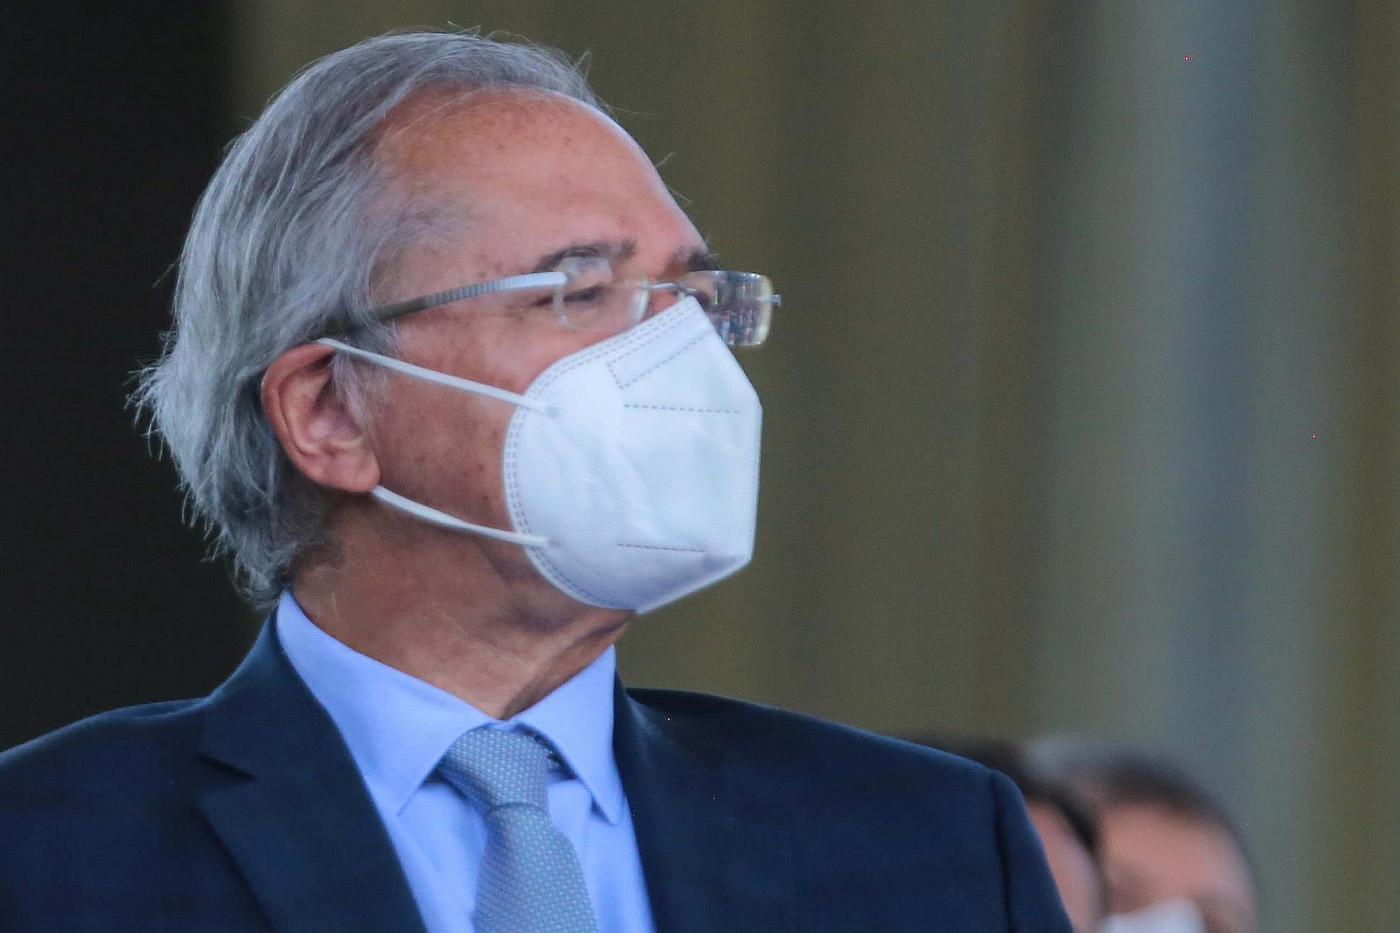 Ministro da Economia, Paulo Guedes, usa máscara branca